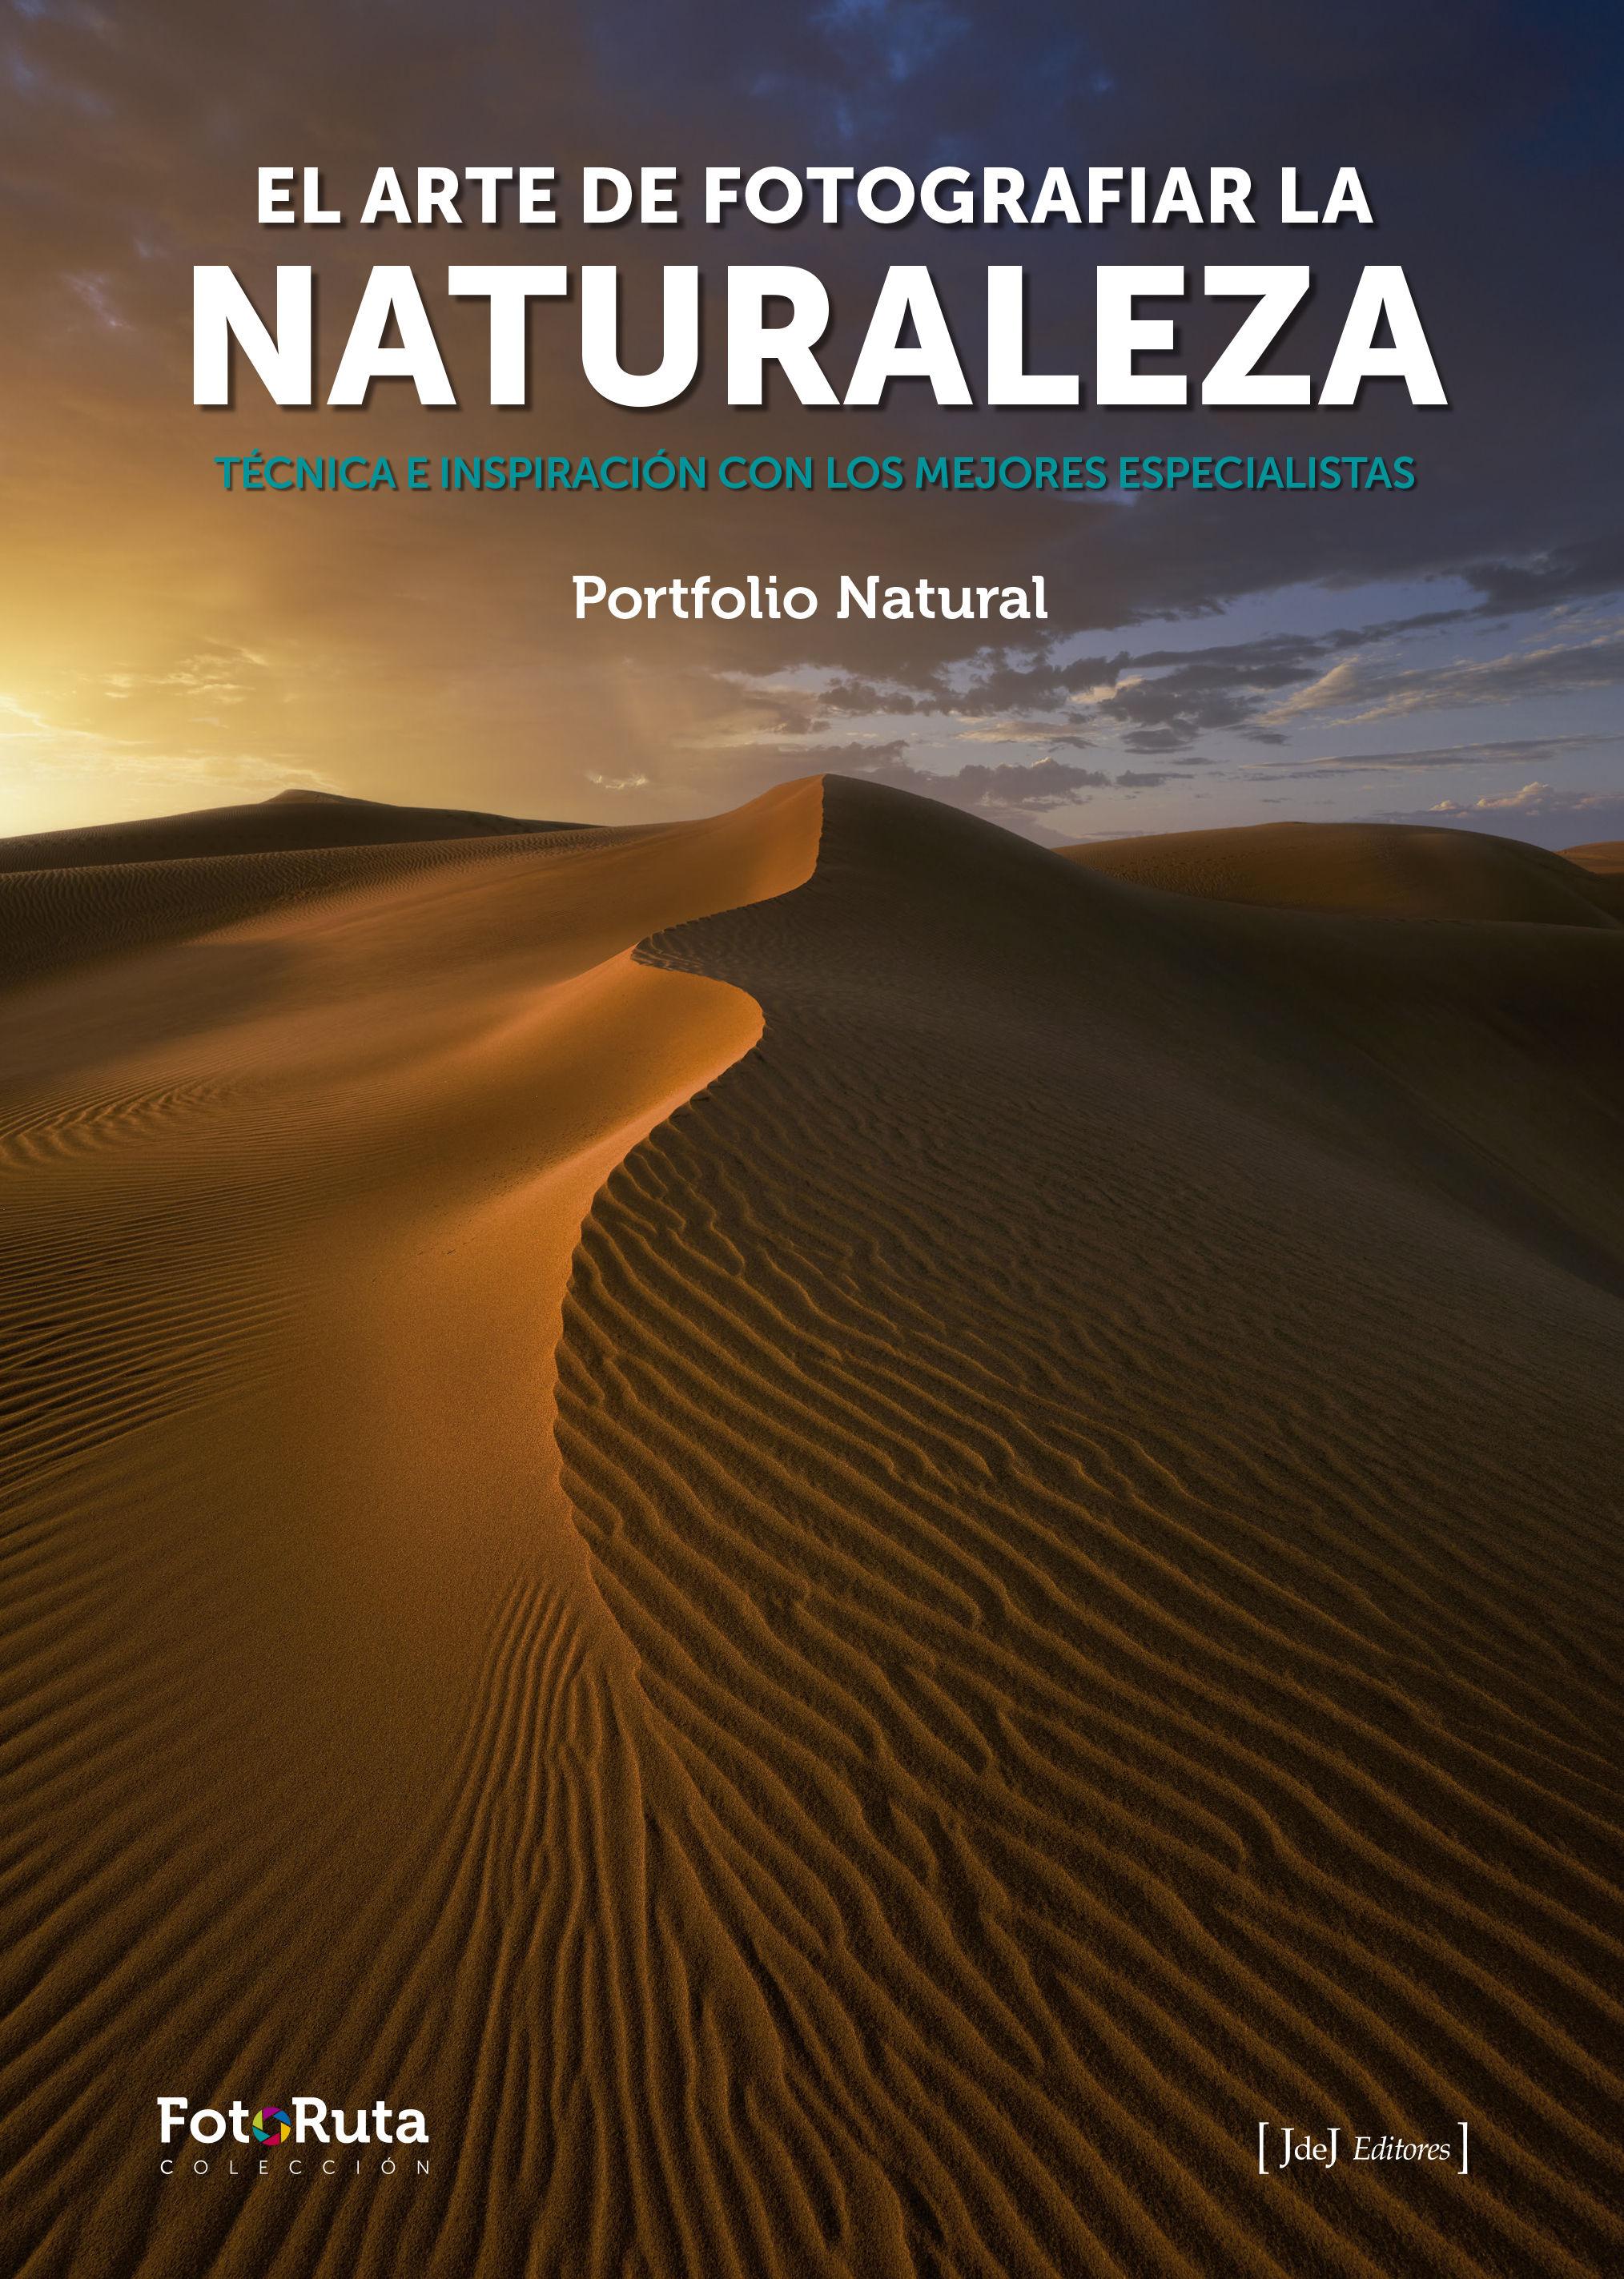 ARTE DE FOTOGRAFIAR LA NATURALEZA EL